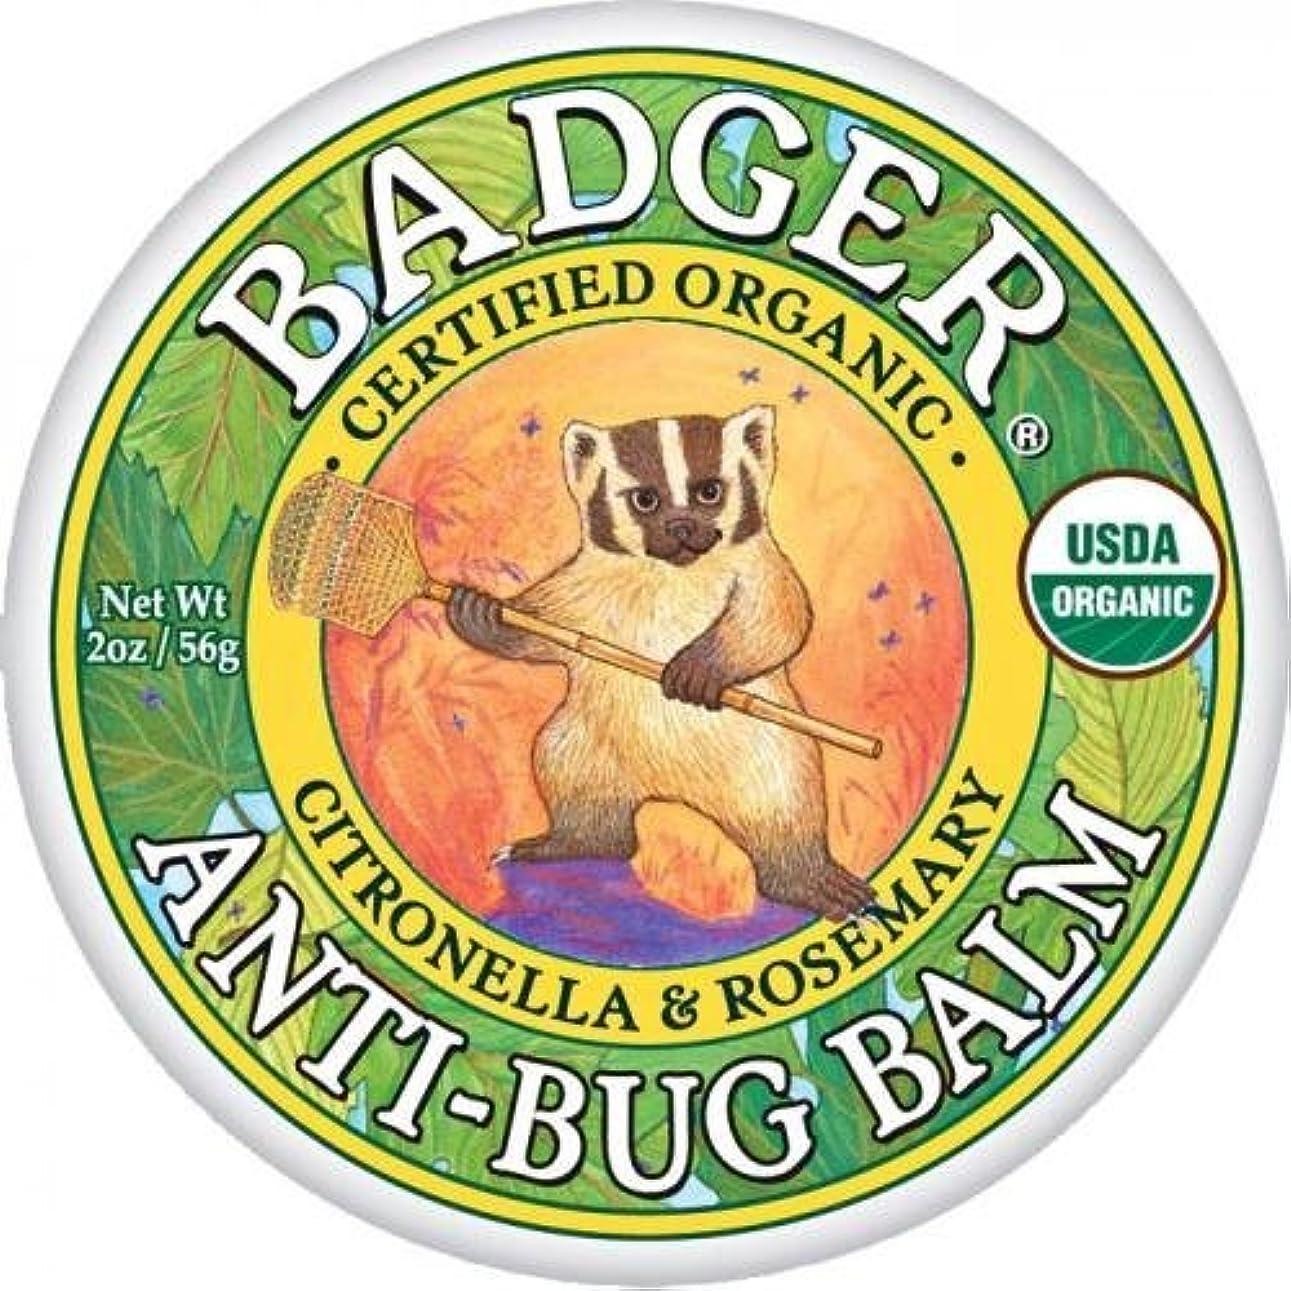 広範囲インテリア周囲Badger バジャー オーガニック虫よけクリーム【大サイズ】 56g【海外直送品】【並行輸入品】